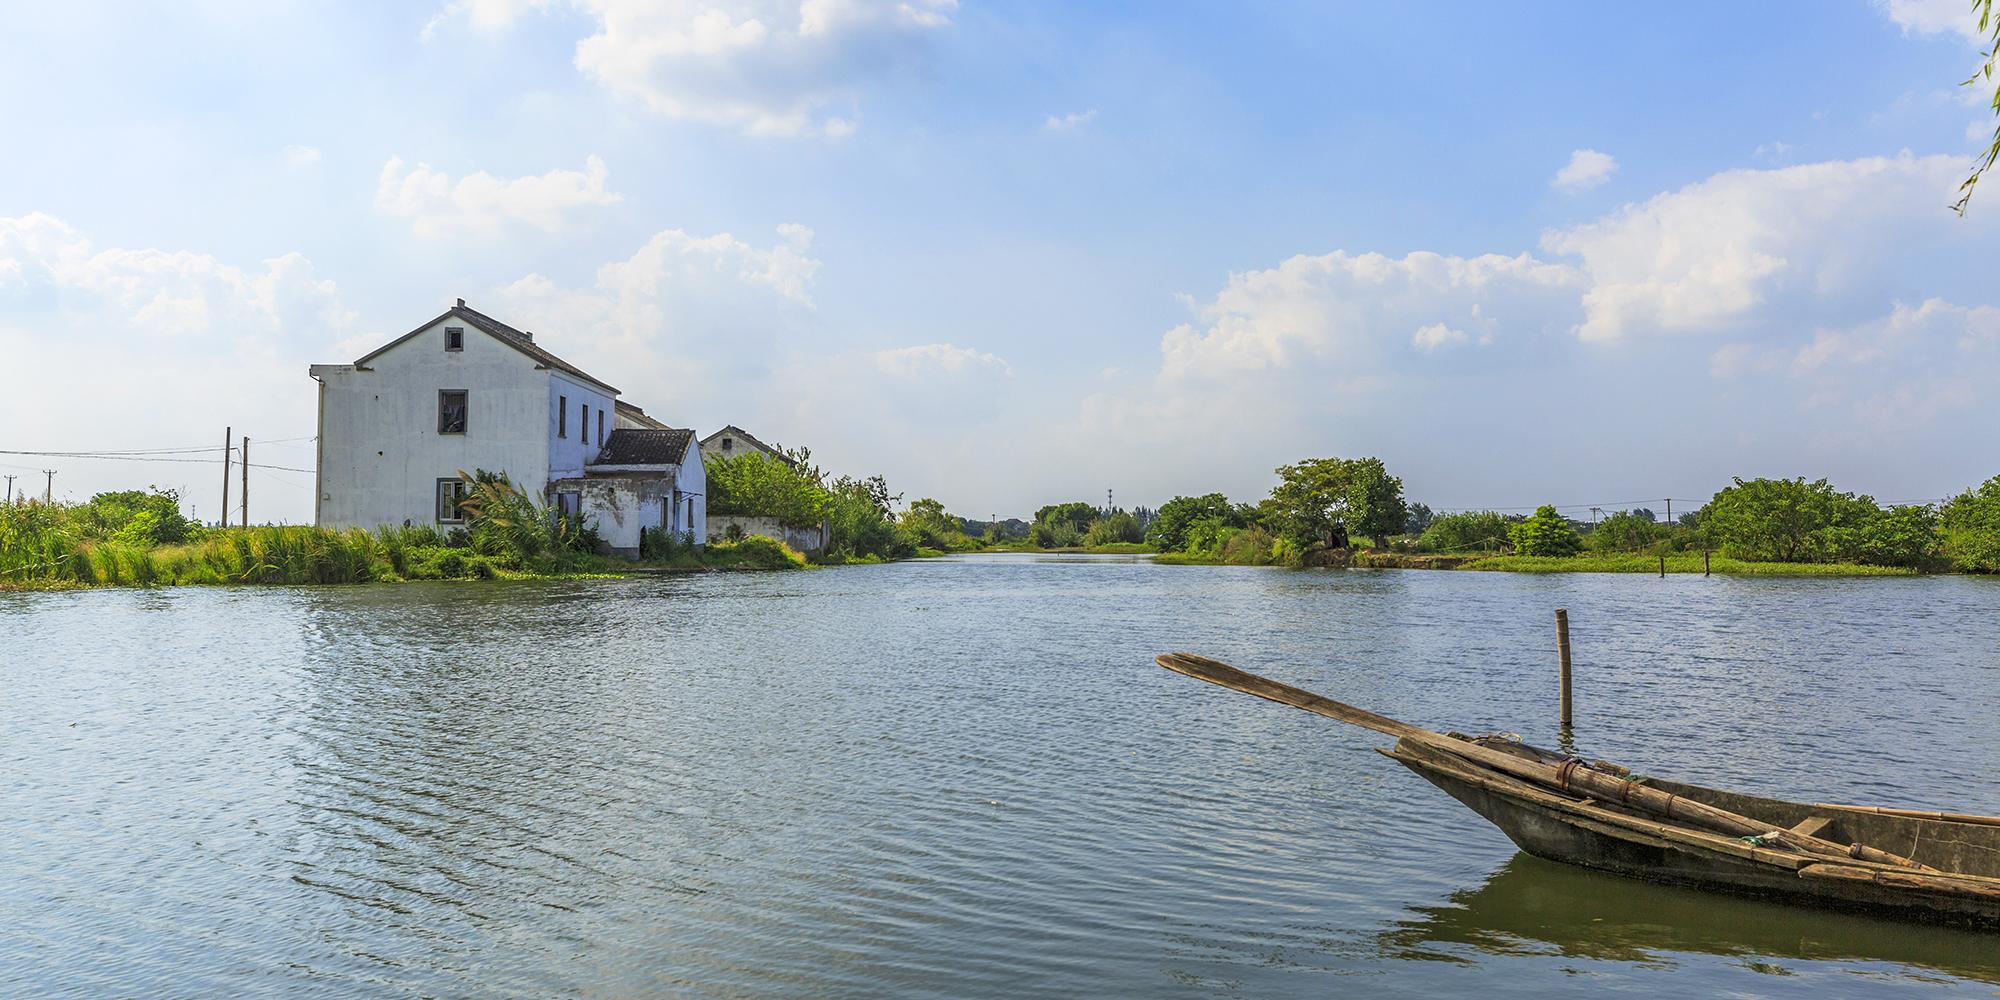 江南建筑风貌的四合院 小桥流水人家